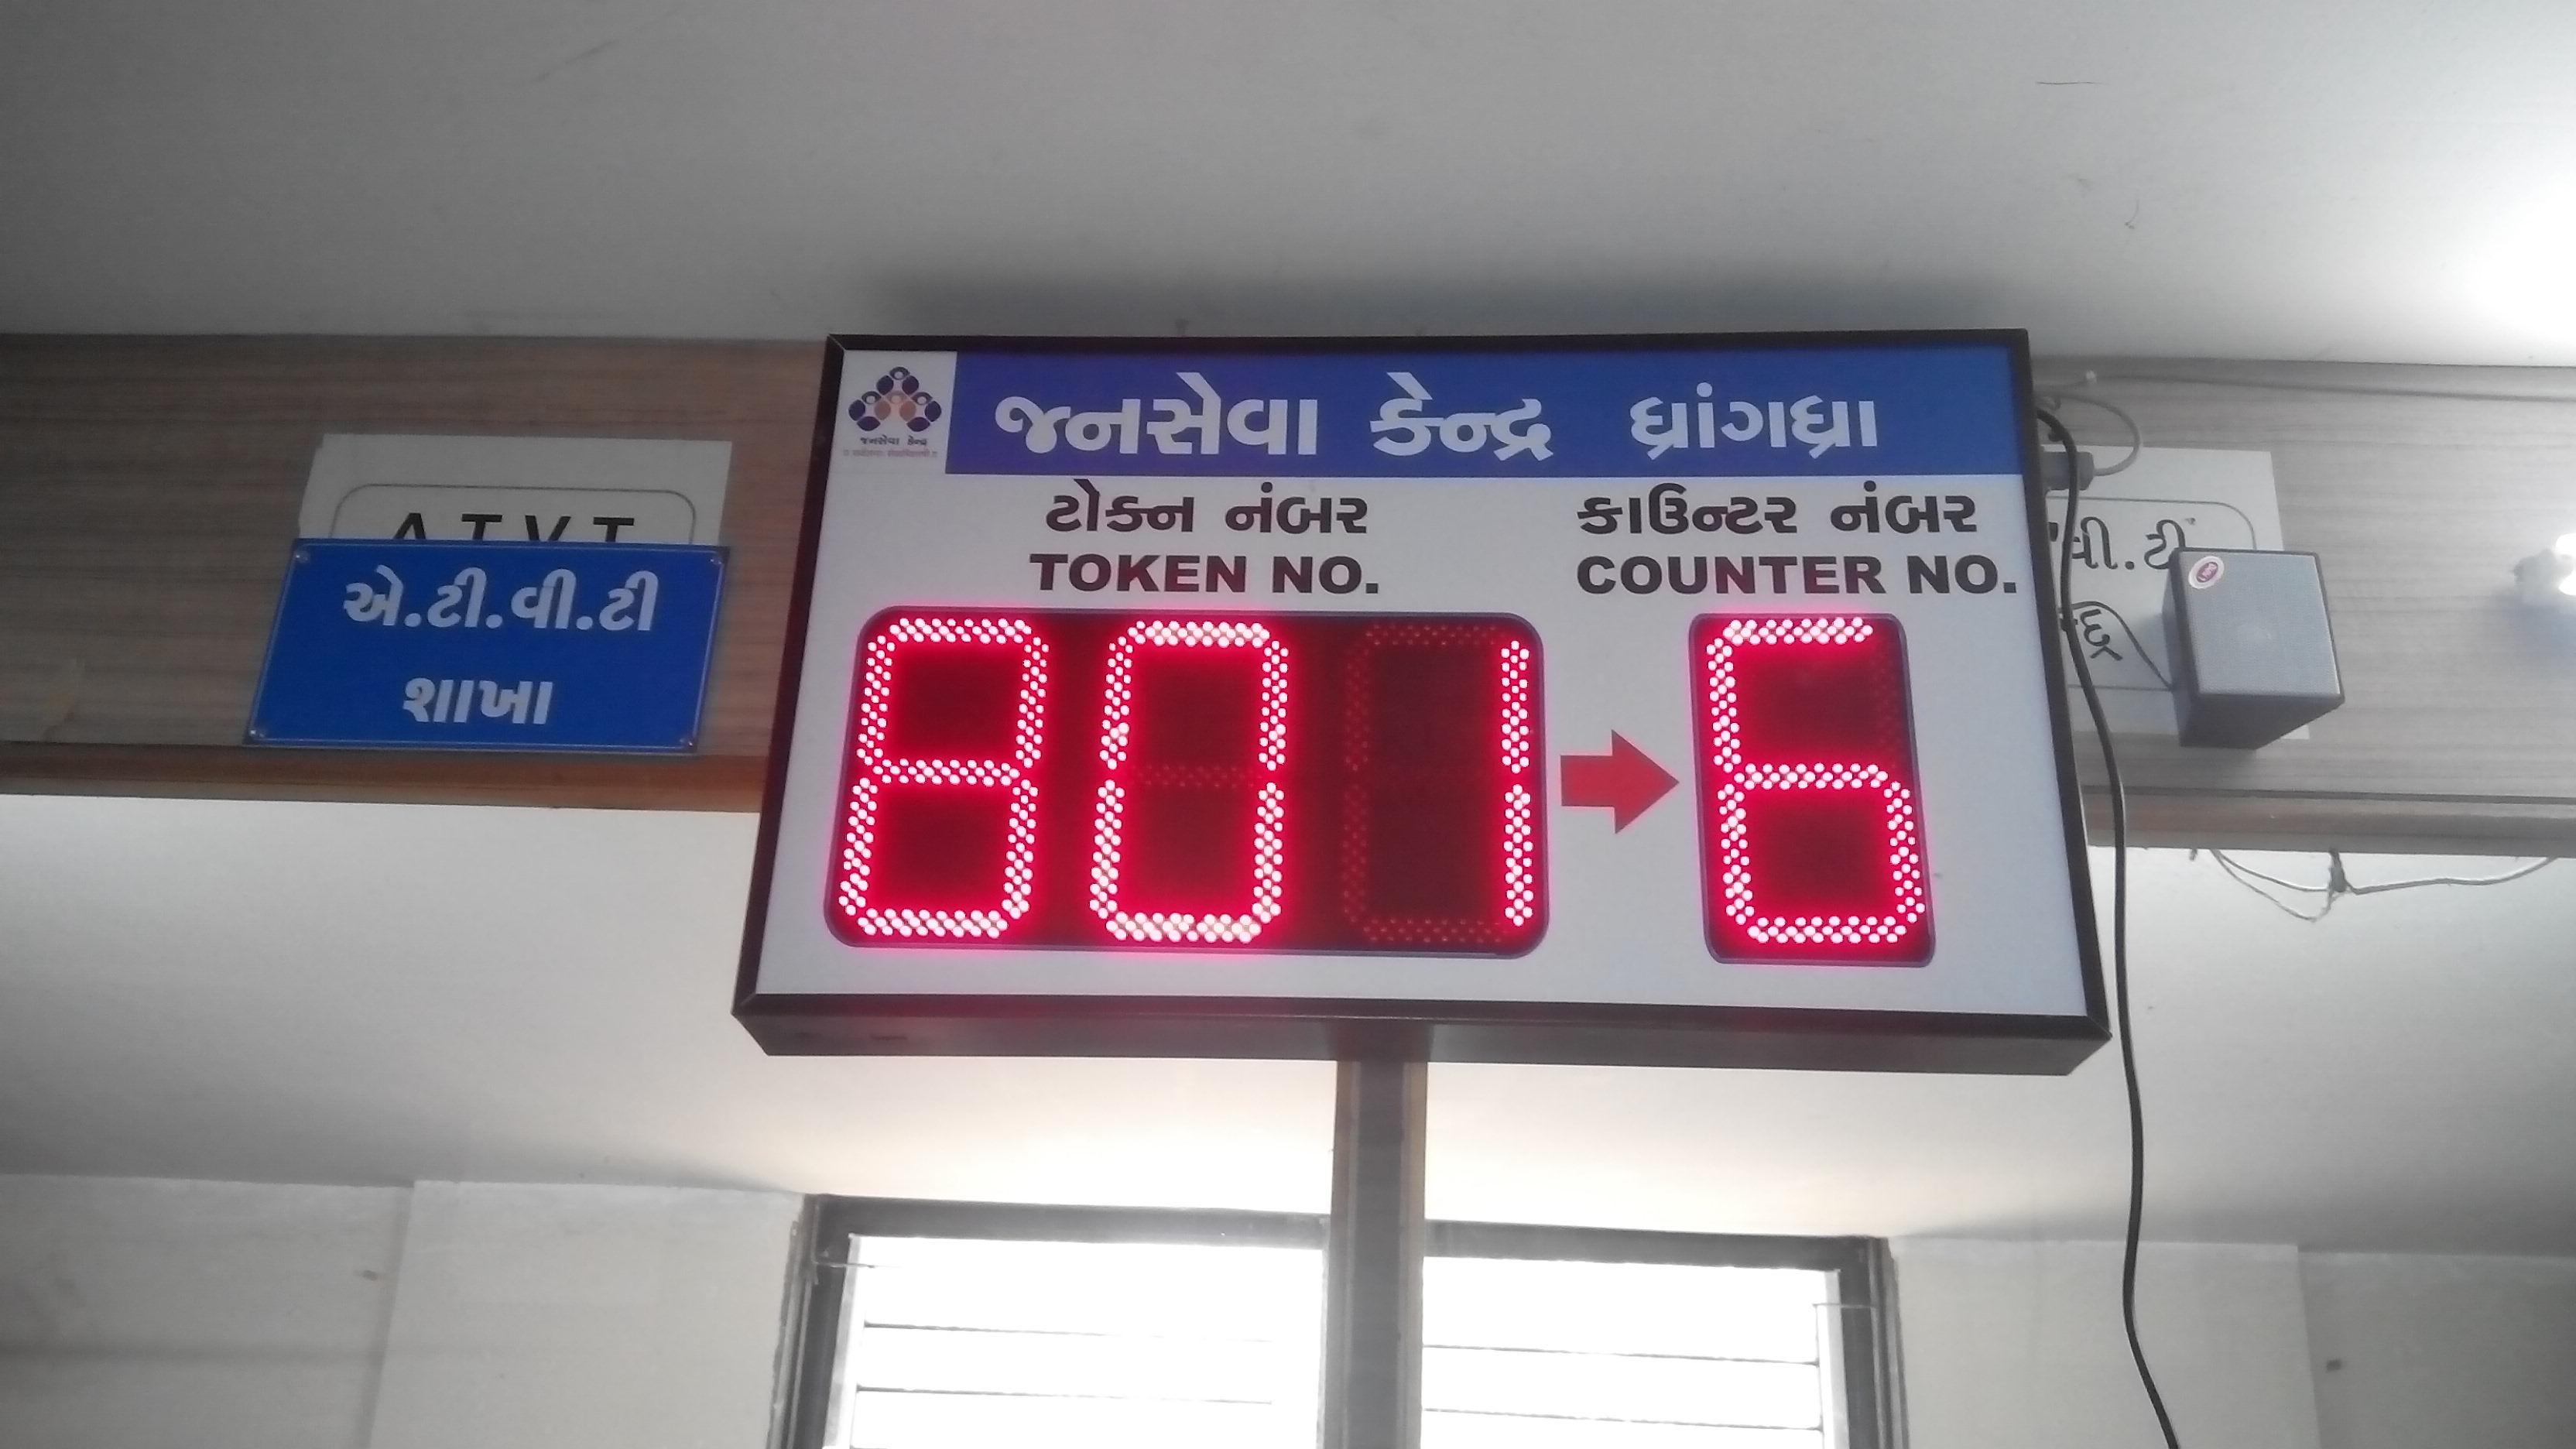 Bank Token Display System